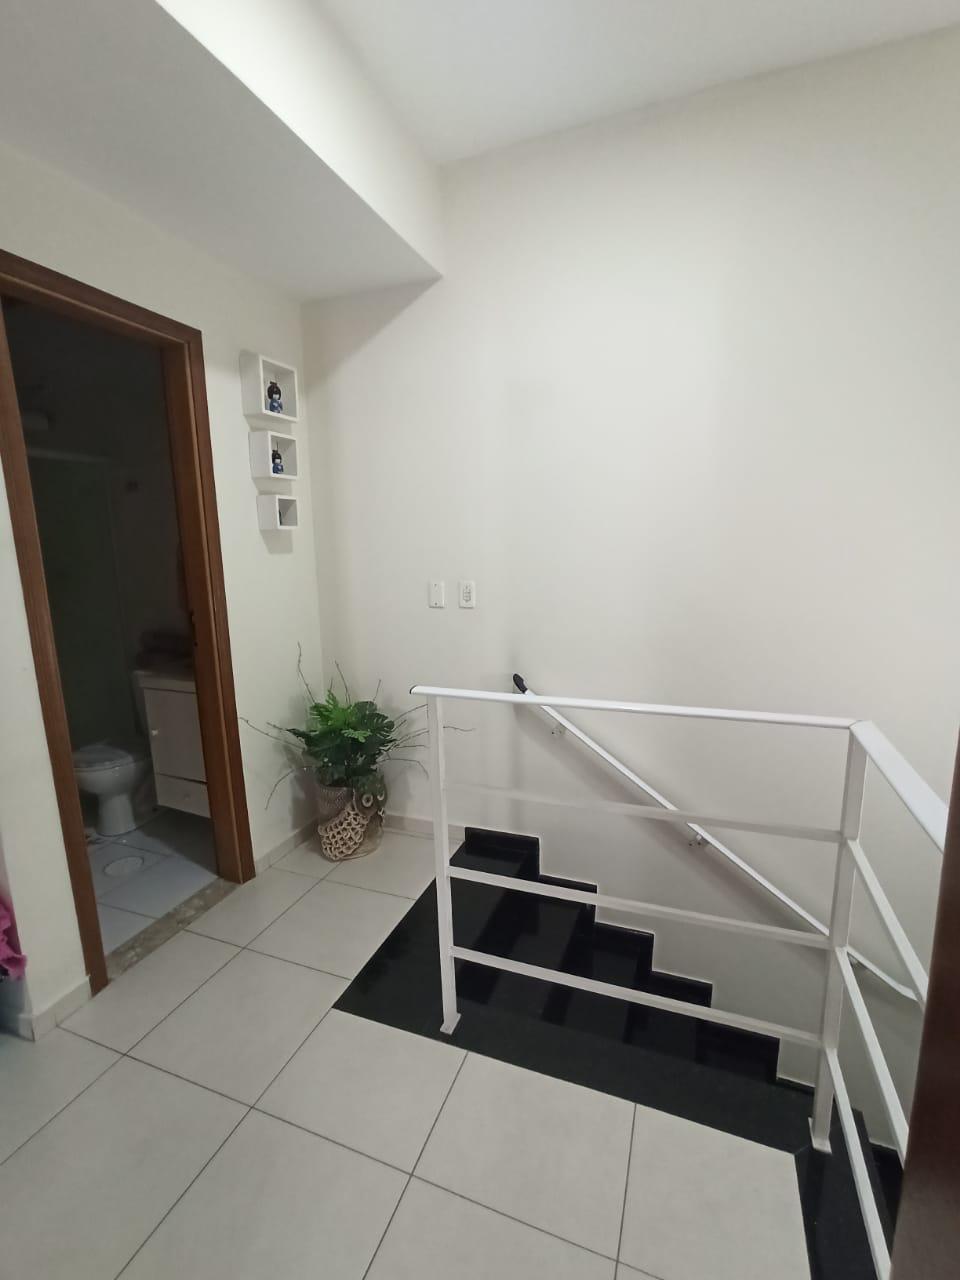 Casa com 3 quartos, sendo um suíte, sala 2 ambientes, três banheiros e duas vagas de garagem. - foto 16